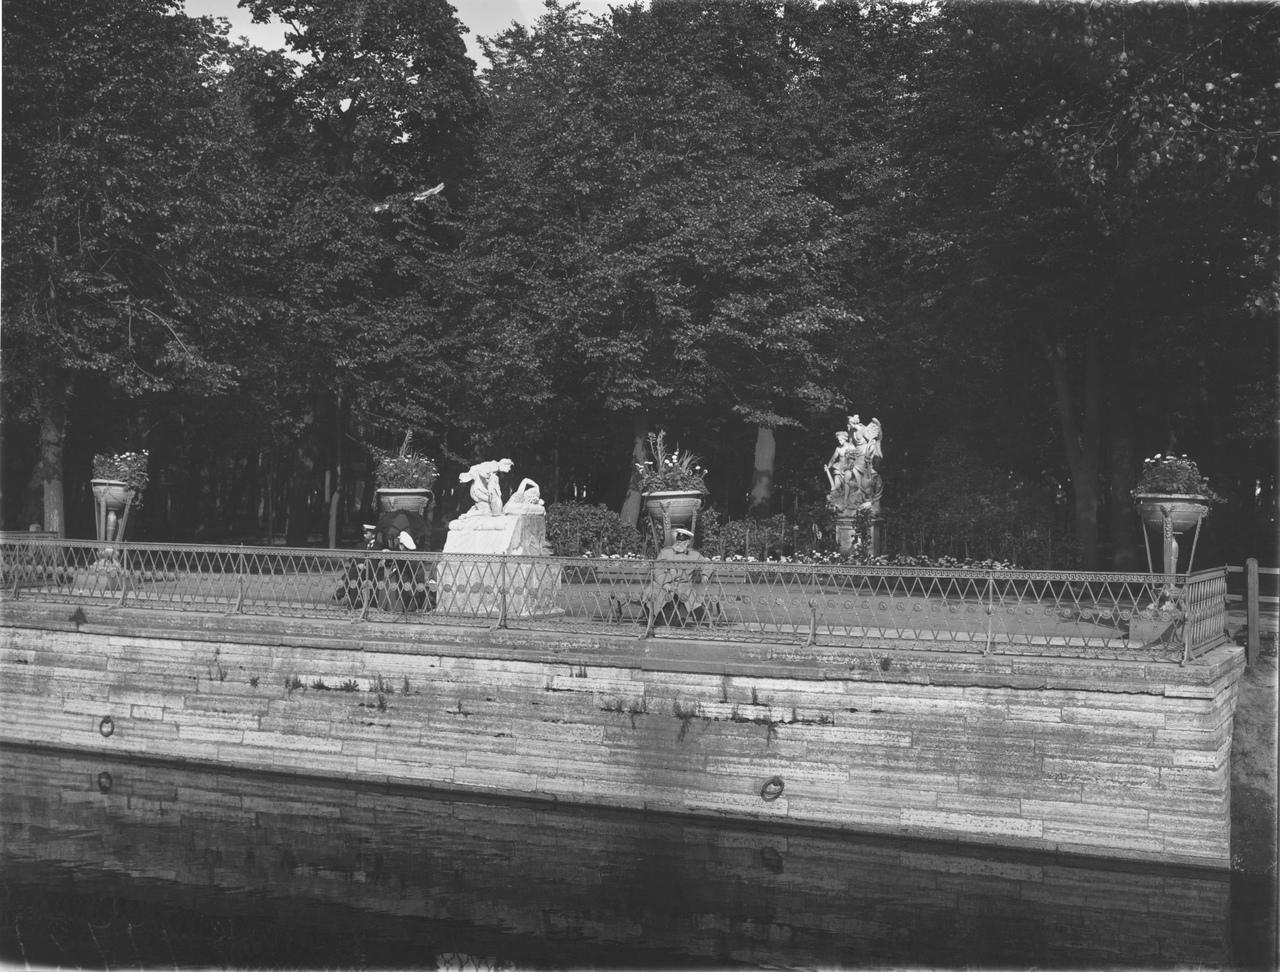 Парковая скульптура Летнего сада, 1903 г. Фотография ателье Буллы. ЦГАКФФД СПб. Источник: vk.com/rusmuseum.gardens